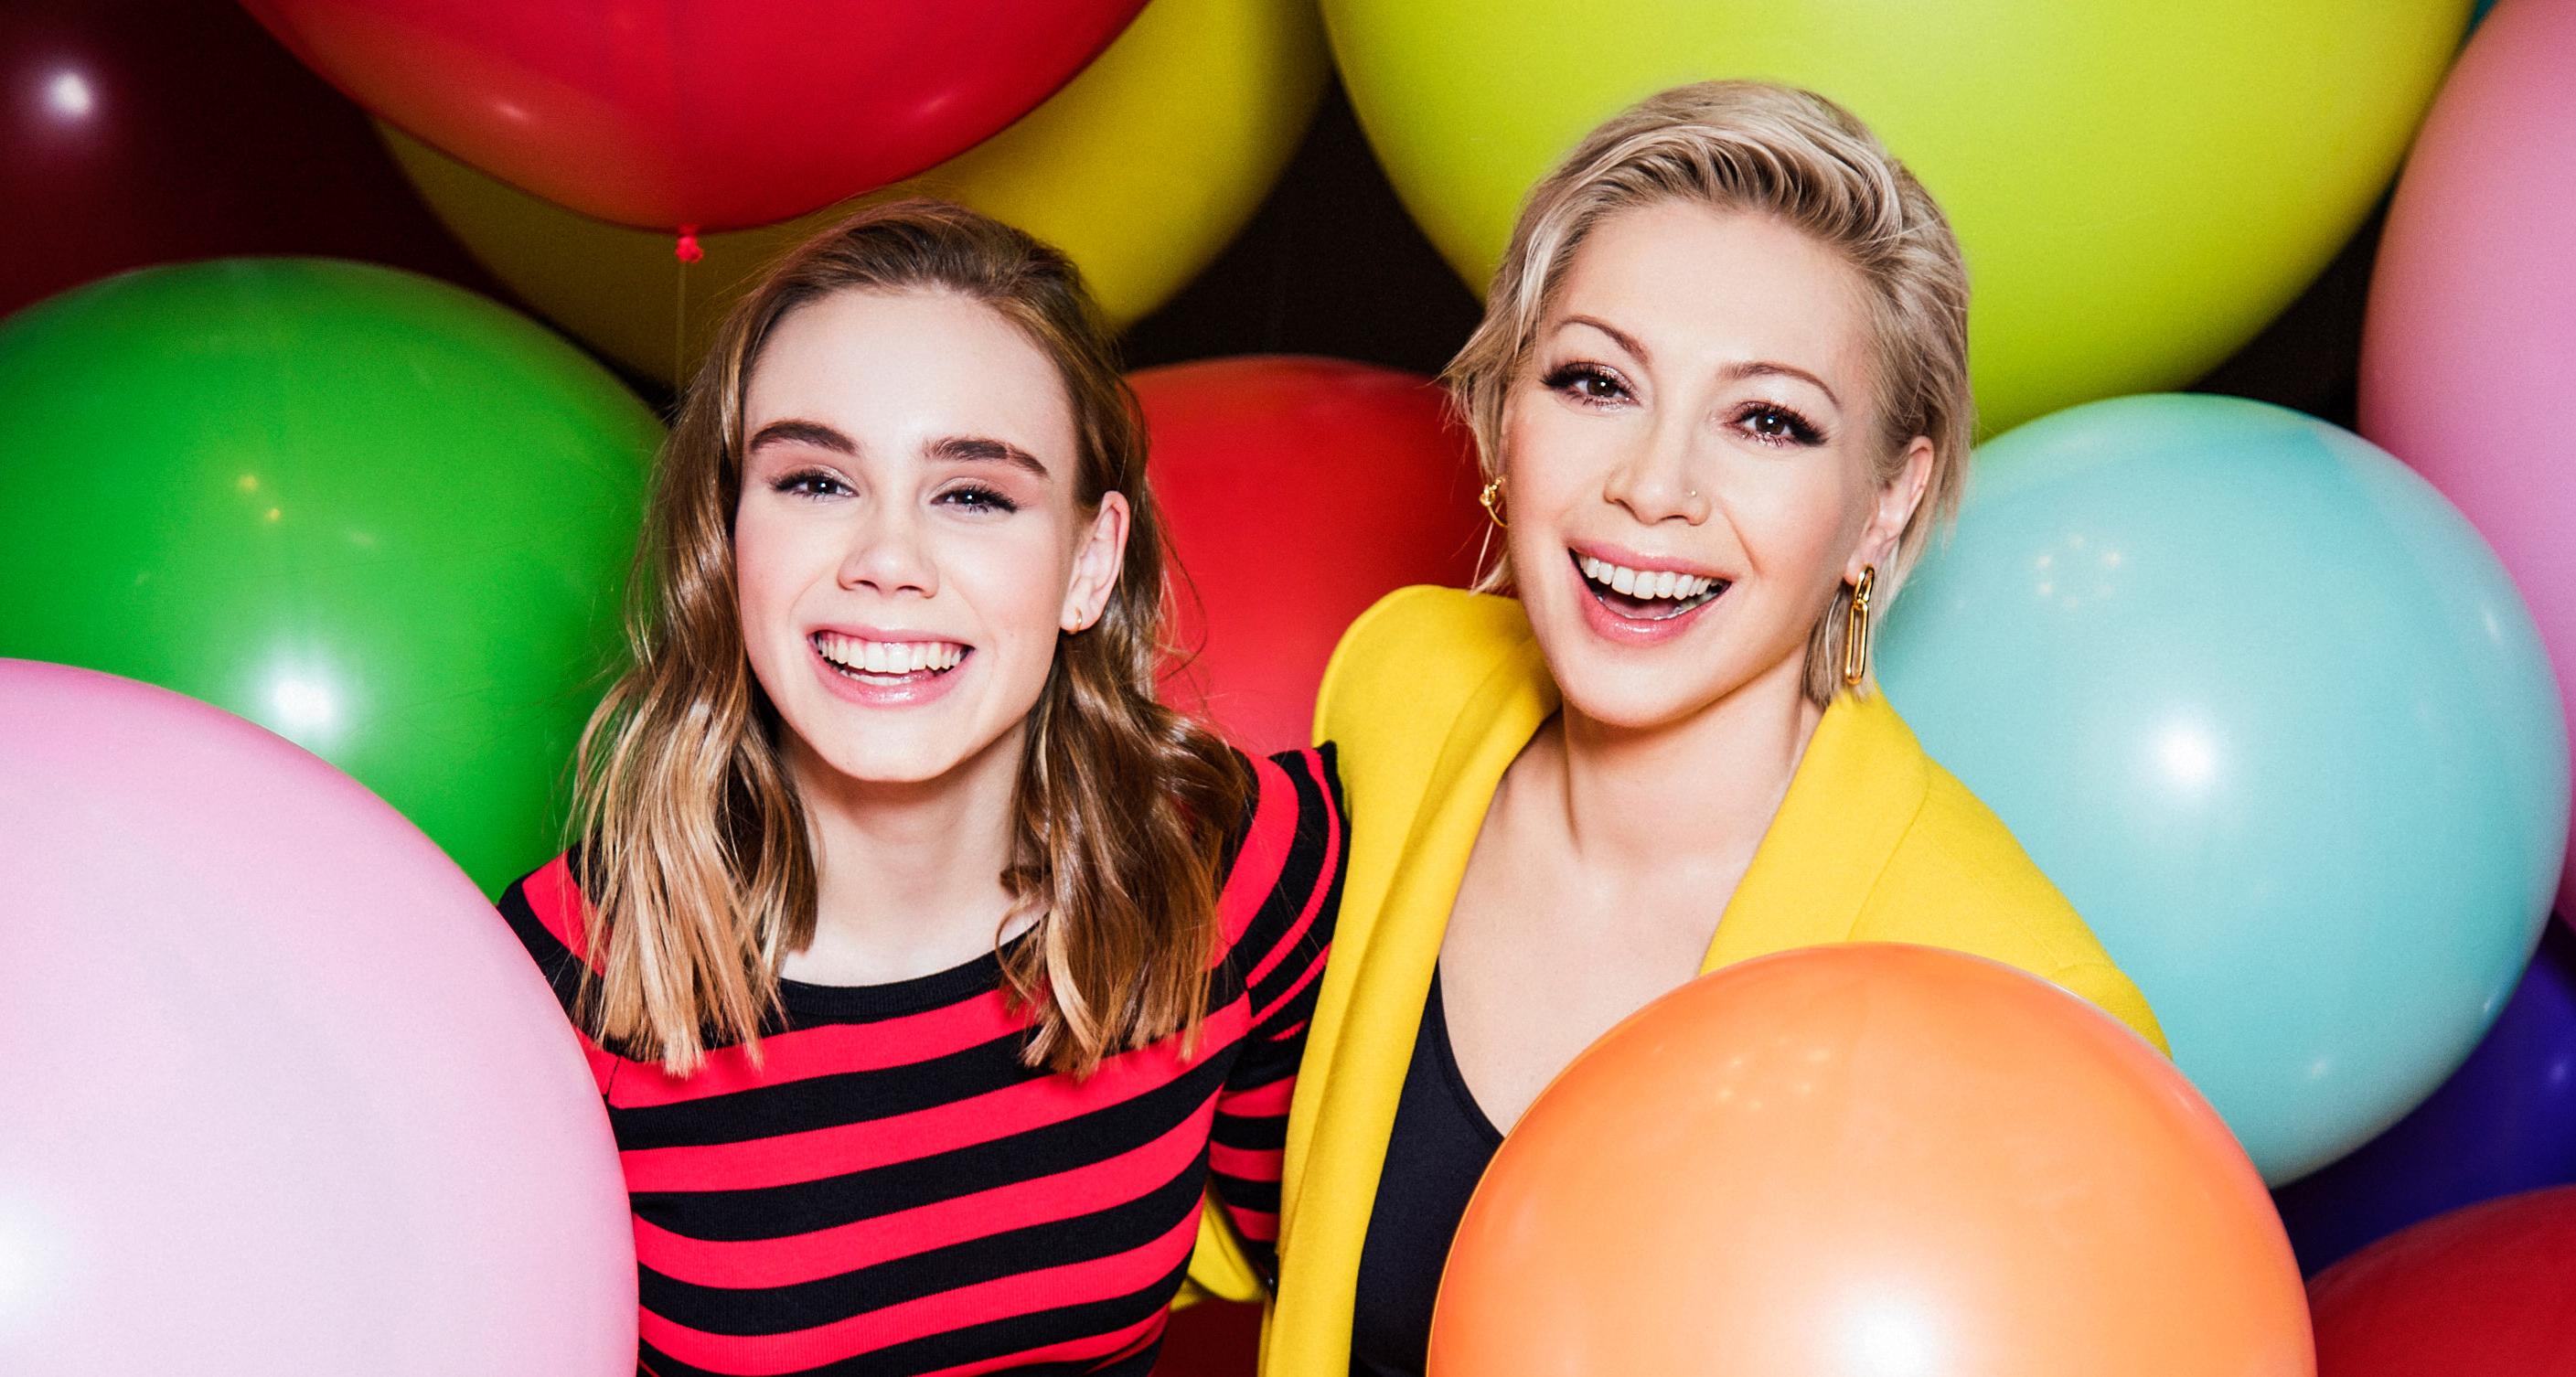 Мама может: телеведущая Аврора про отношения с дочерью-подростком, моду, красоту и собственный бренд